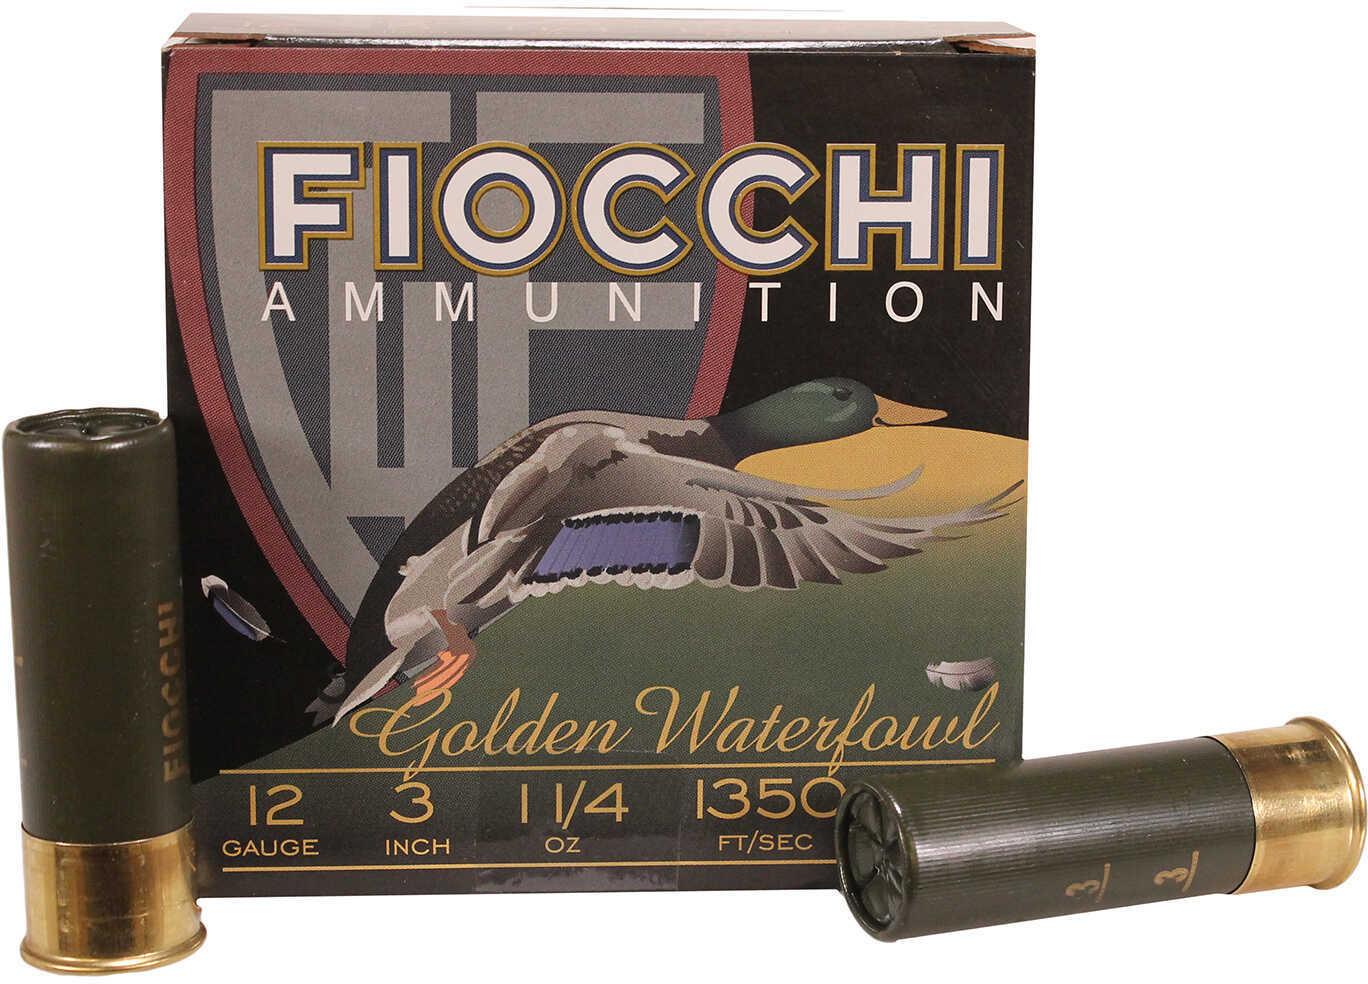 Fiocchi Golden Waterfowl 12 Gauge 3 Inch 1-1/4 Ounce #3 Shot Shotshells, 25 Rounds Per Box